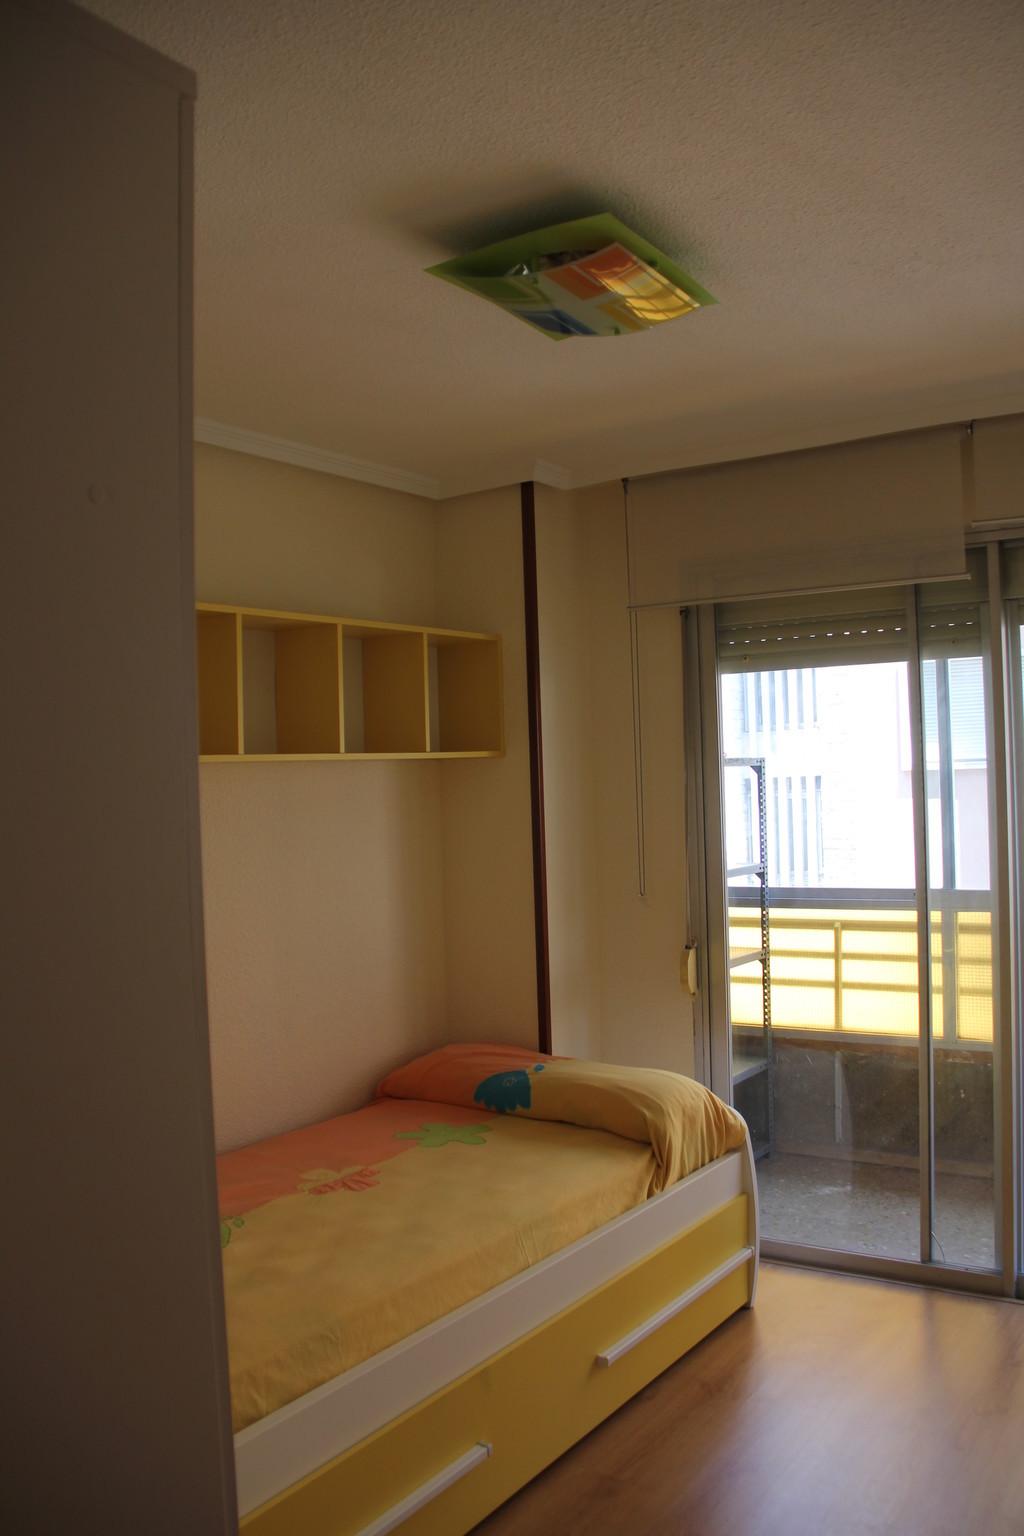 Luminosa habitaci n doble en alicante alquiler habitaciones alicante - Alquilo habitacion en alicante ...